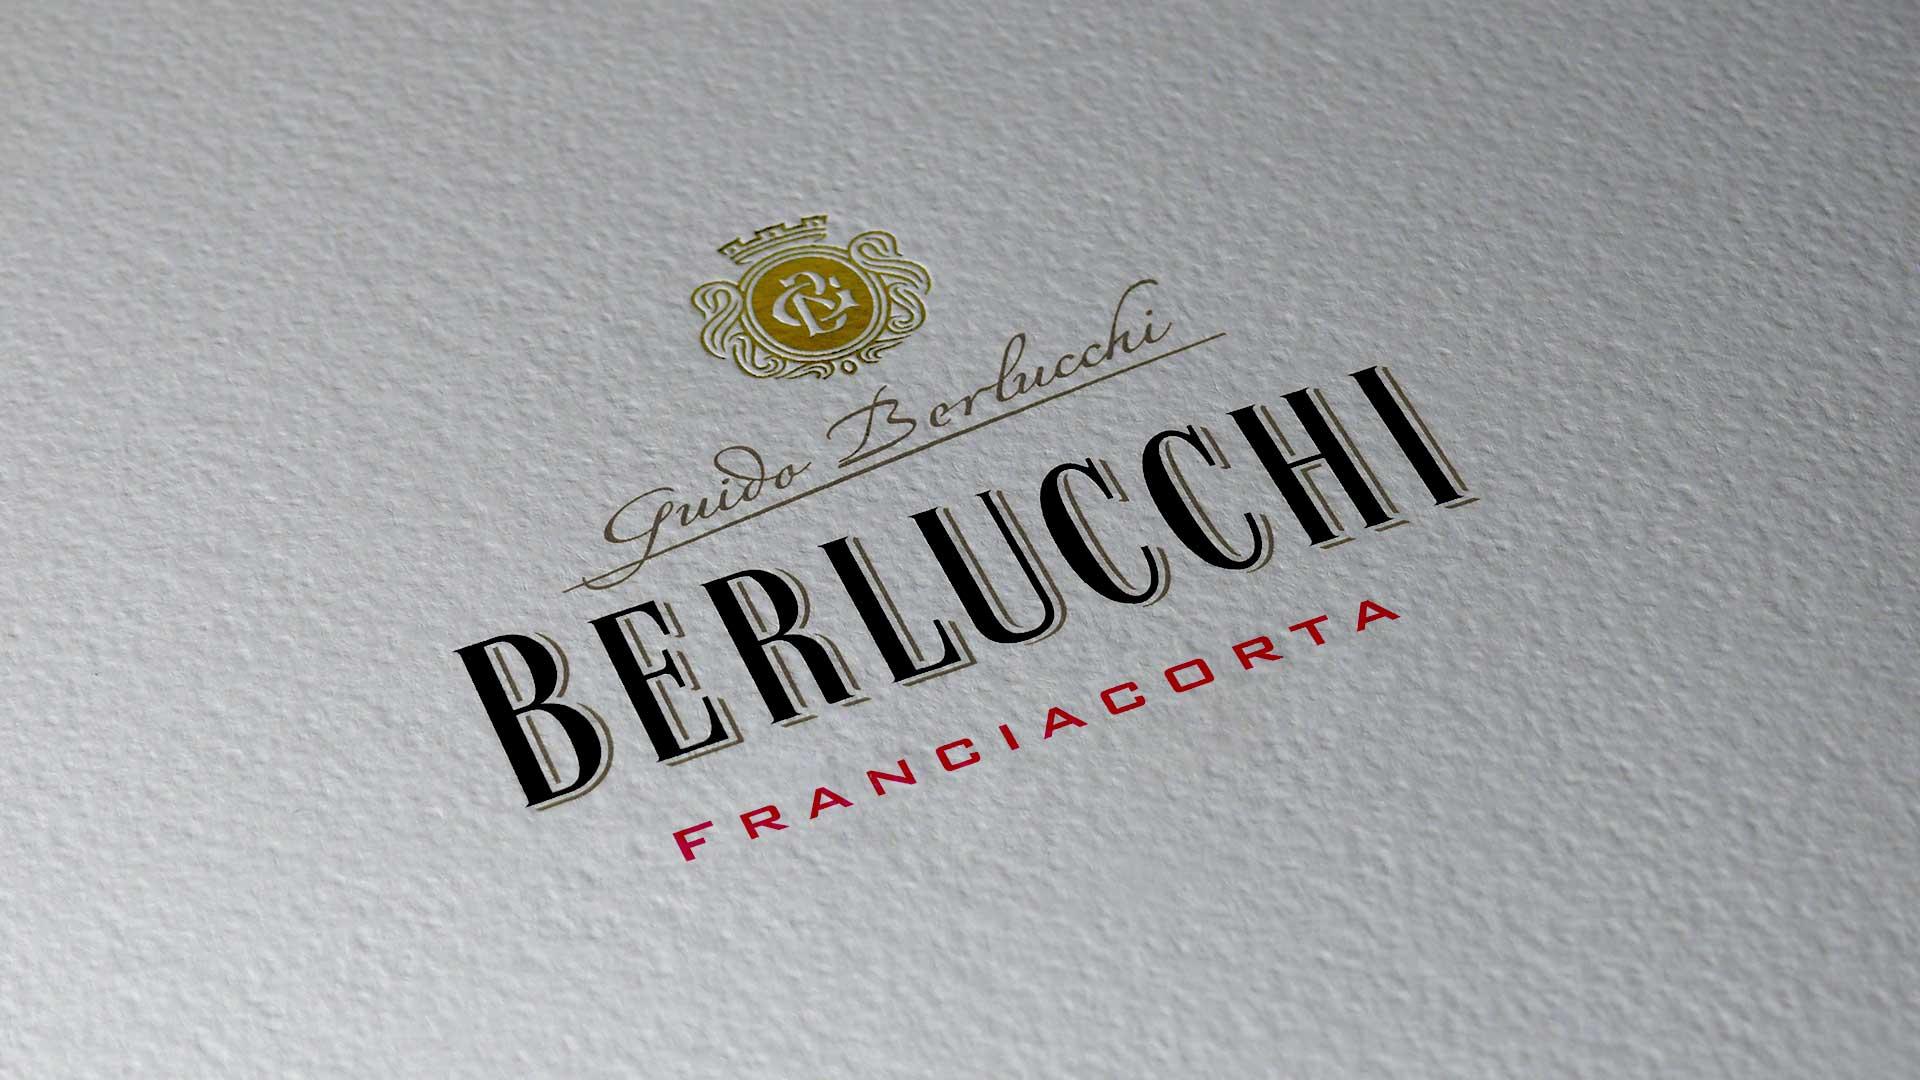 Guido Berlucchi applicazione brand